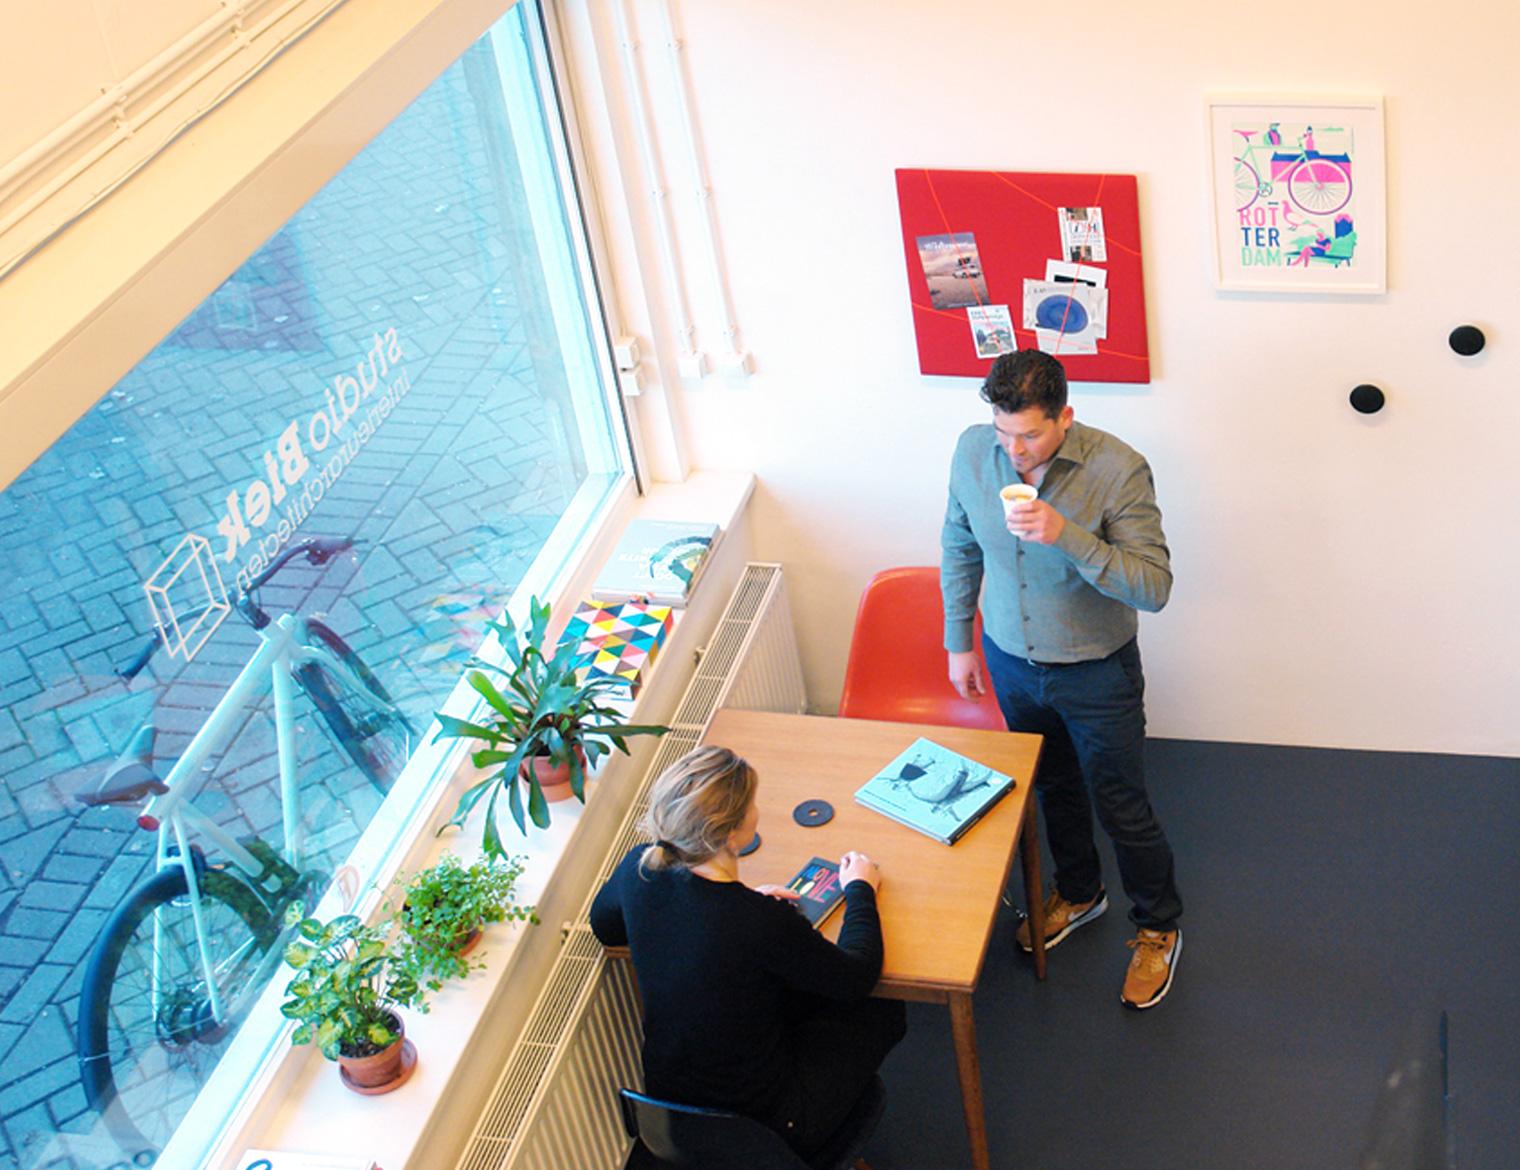 werkruimte - studio Biek - Hofbogen